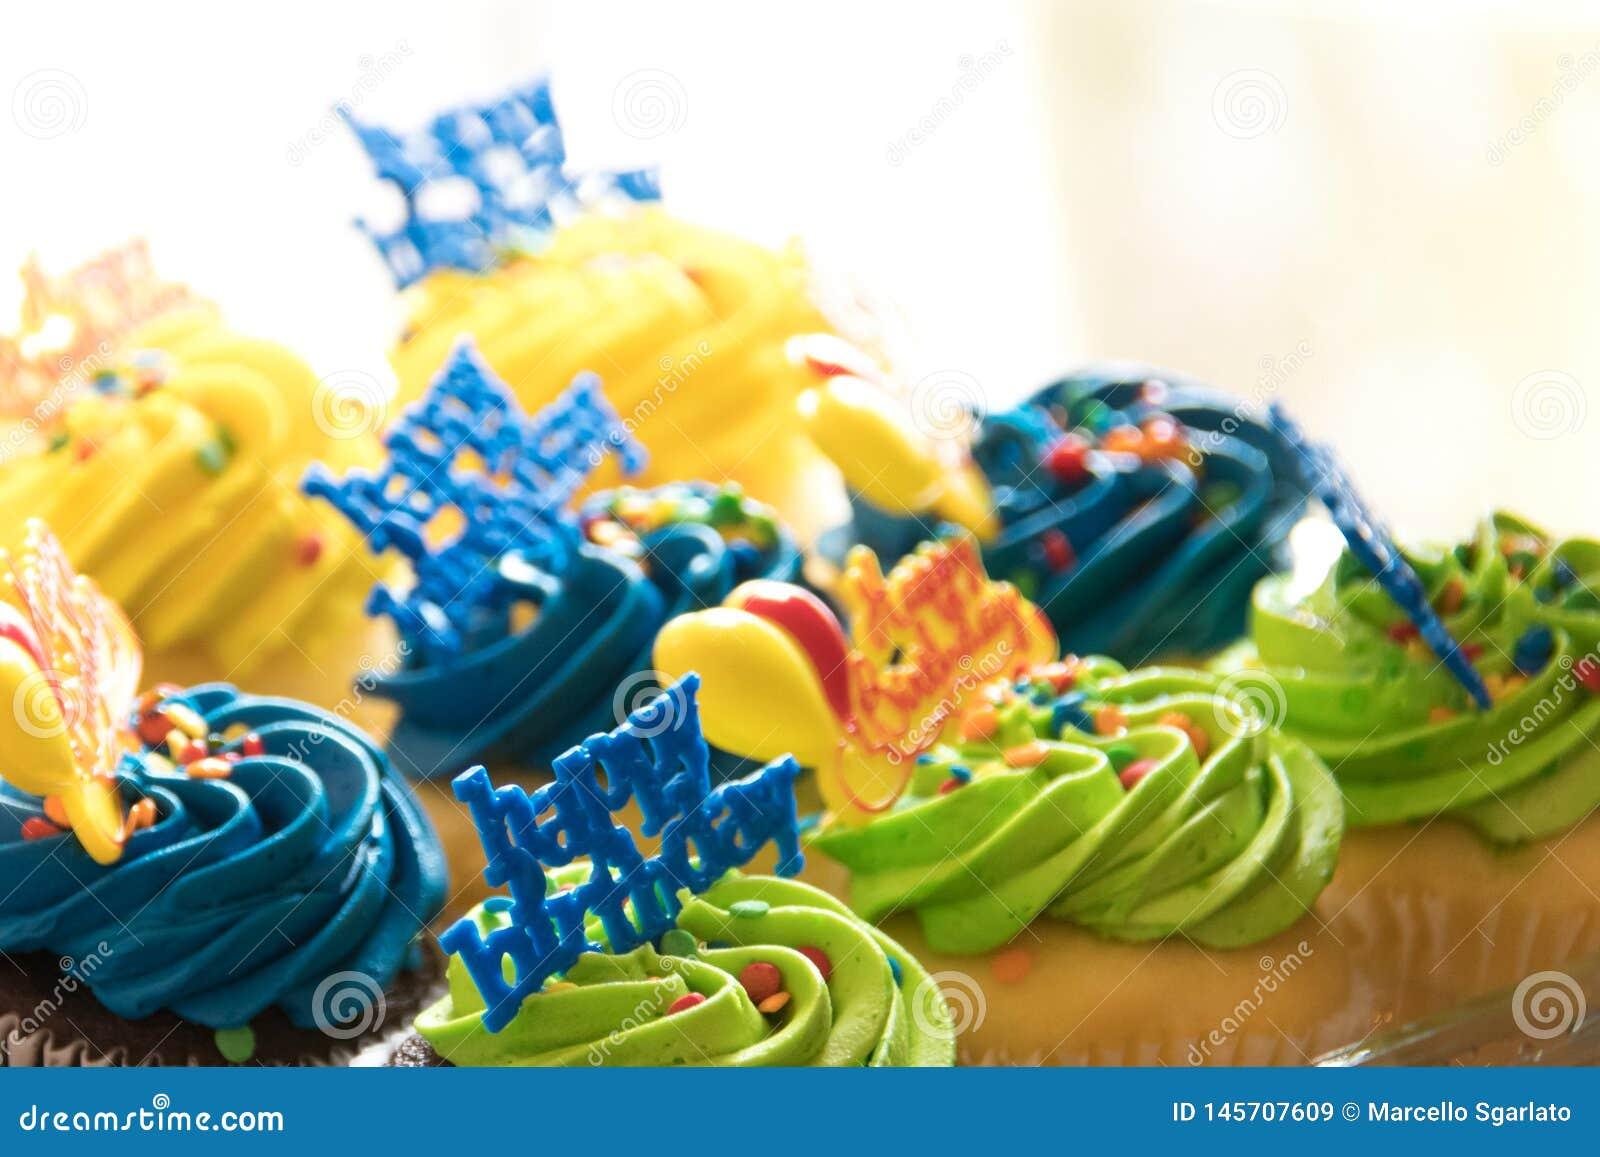 8 queques coloridos do feliz aniversario orlararam com confetes pasteis polvilham